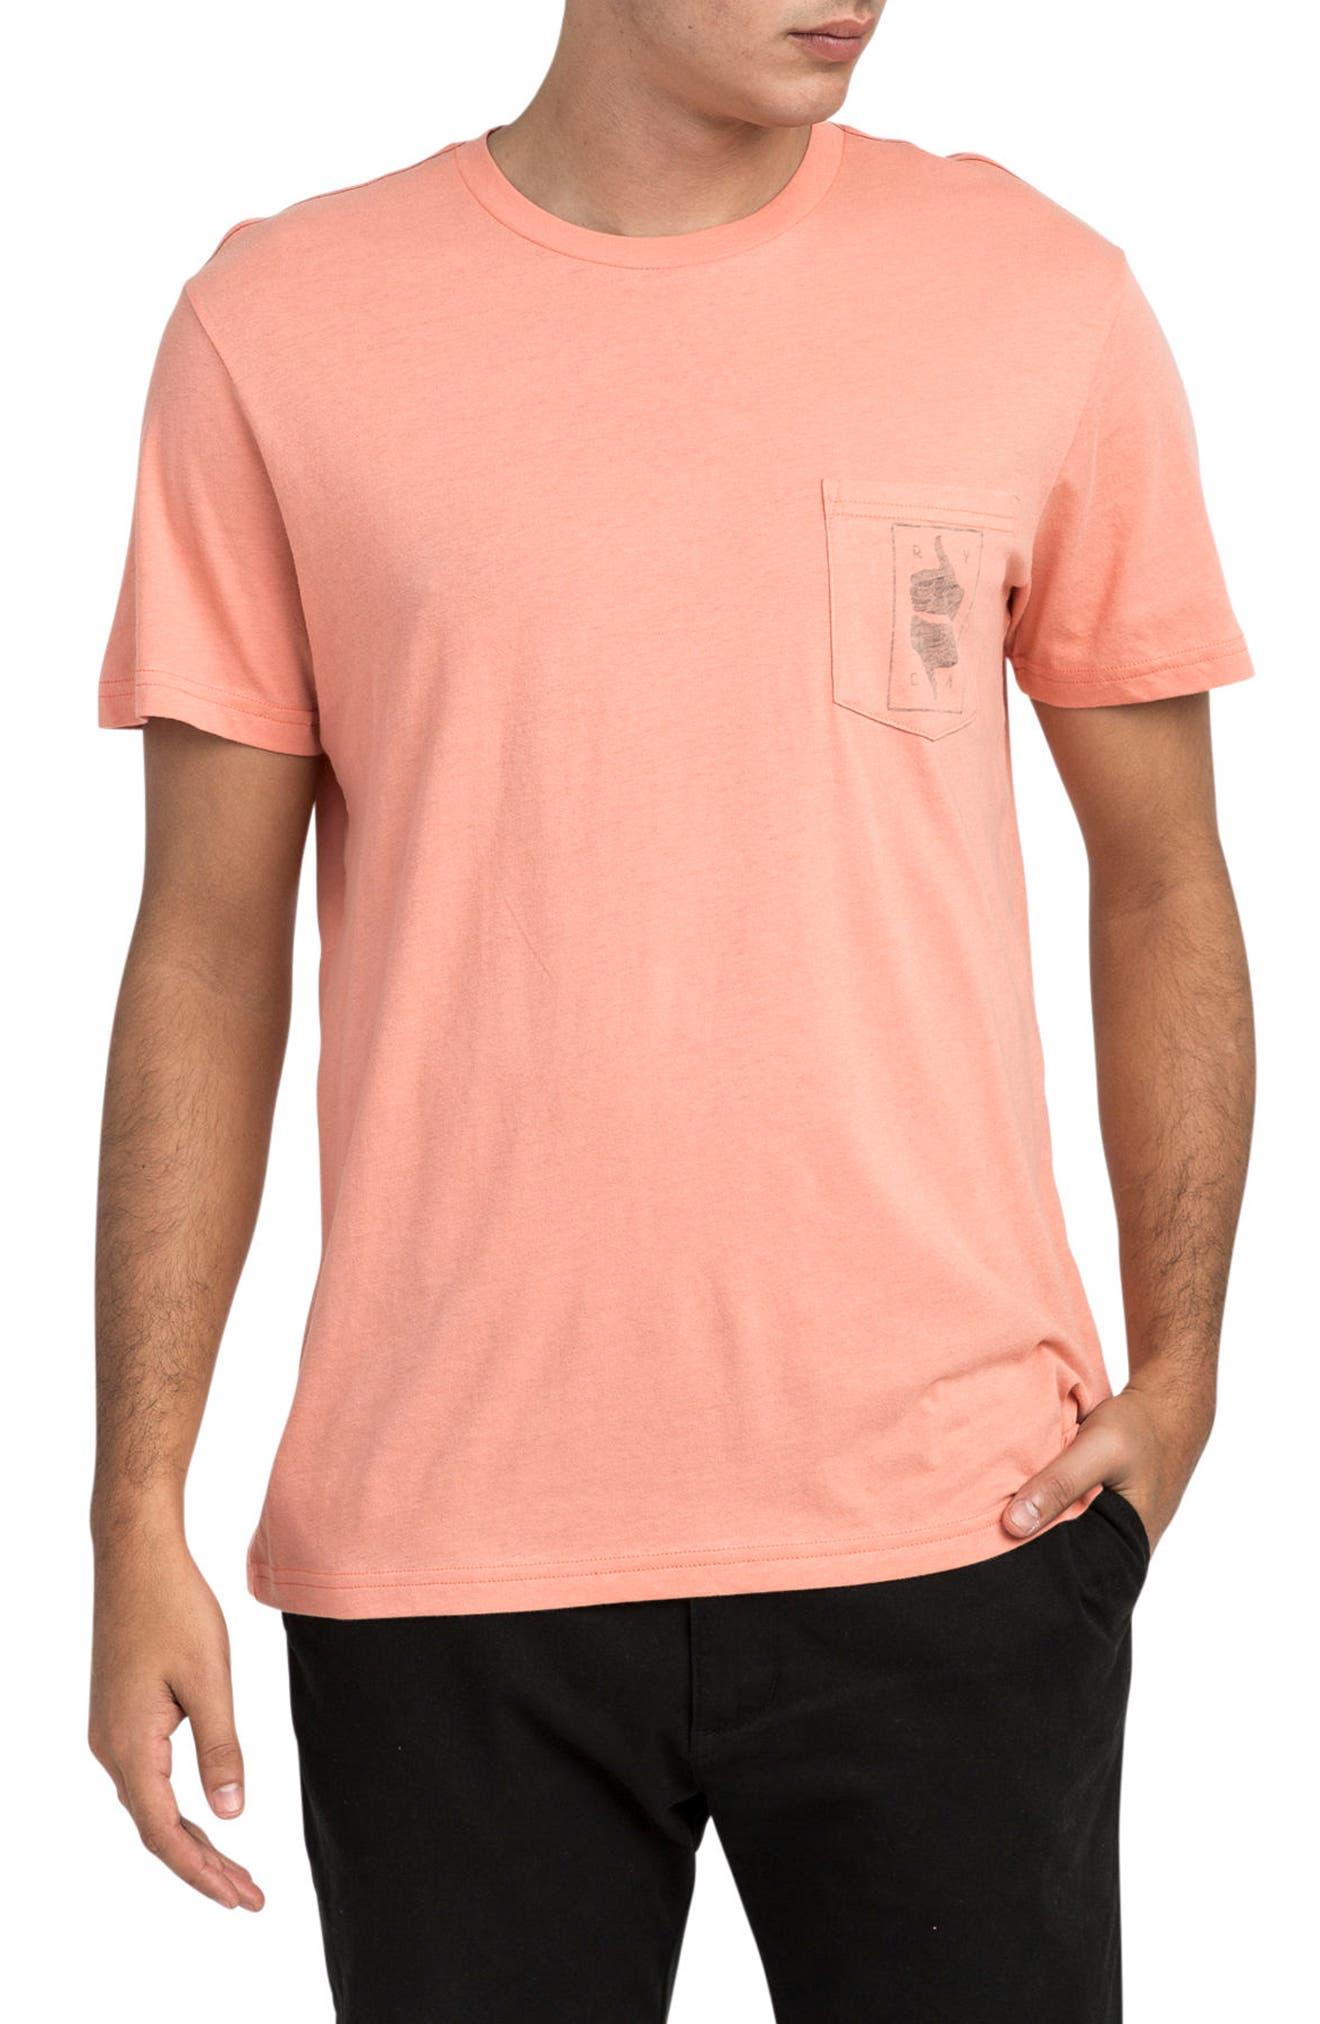 Thumbs Up T-Shirt,                             Main thumbnail 1, color,                             200